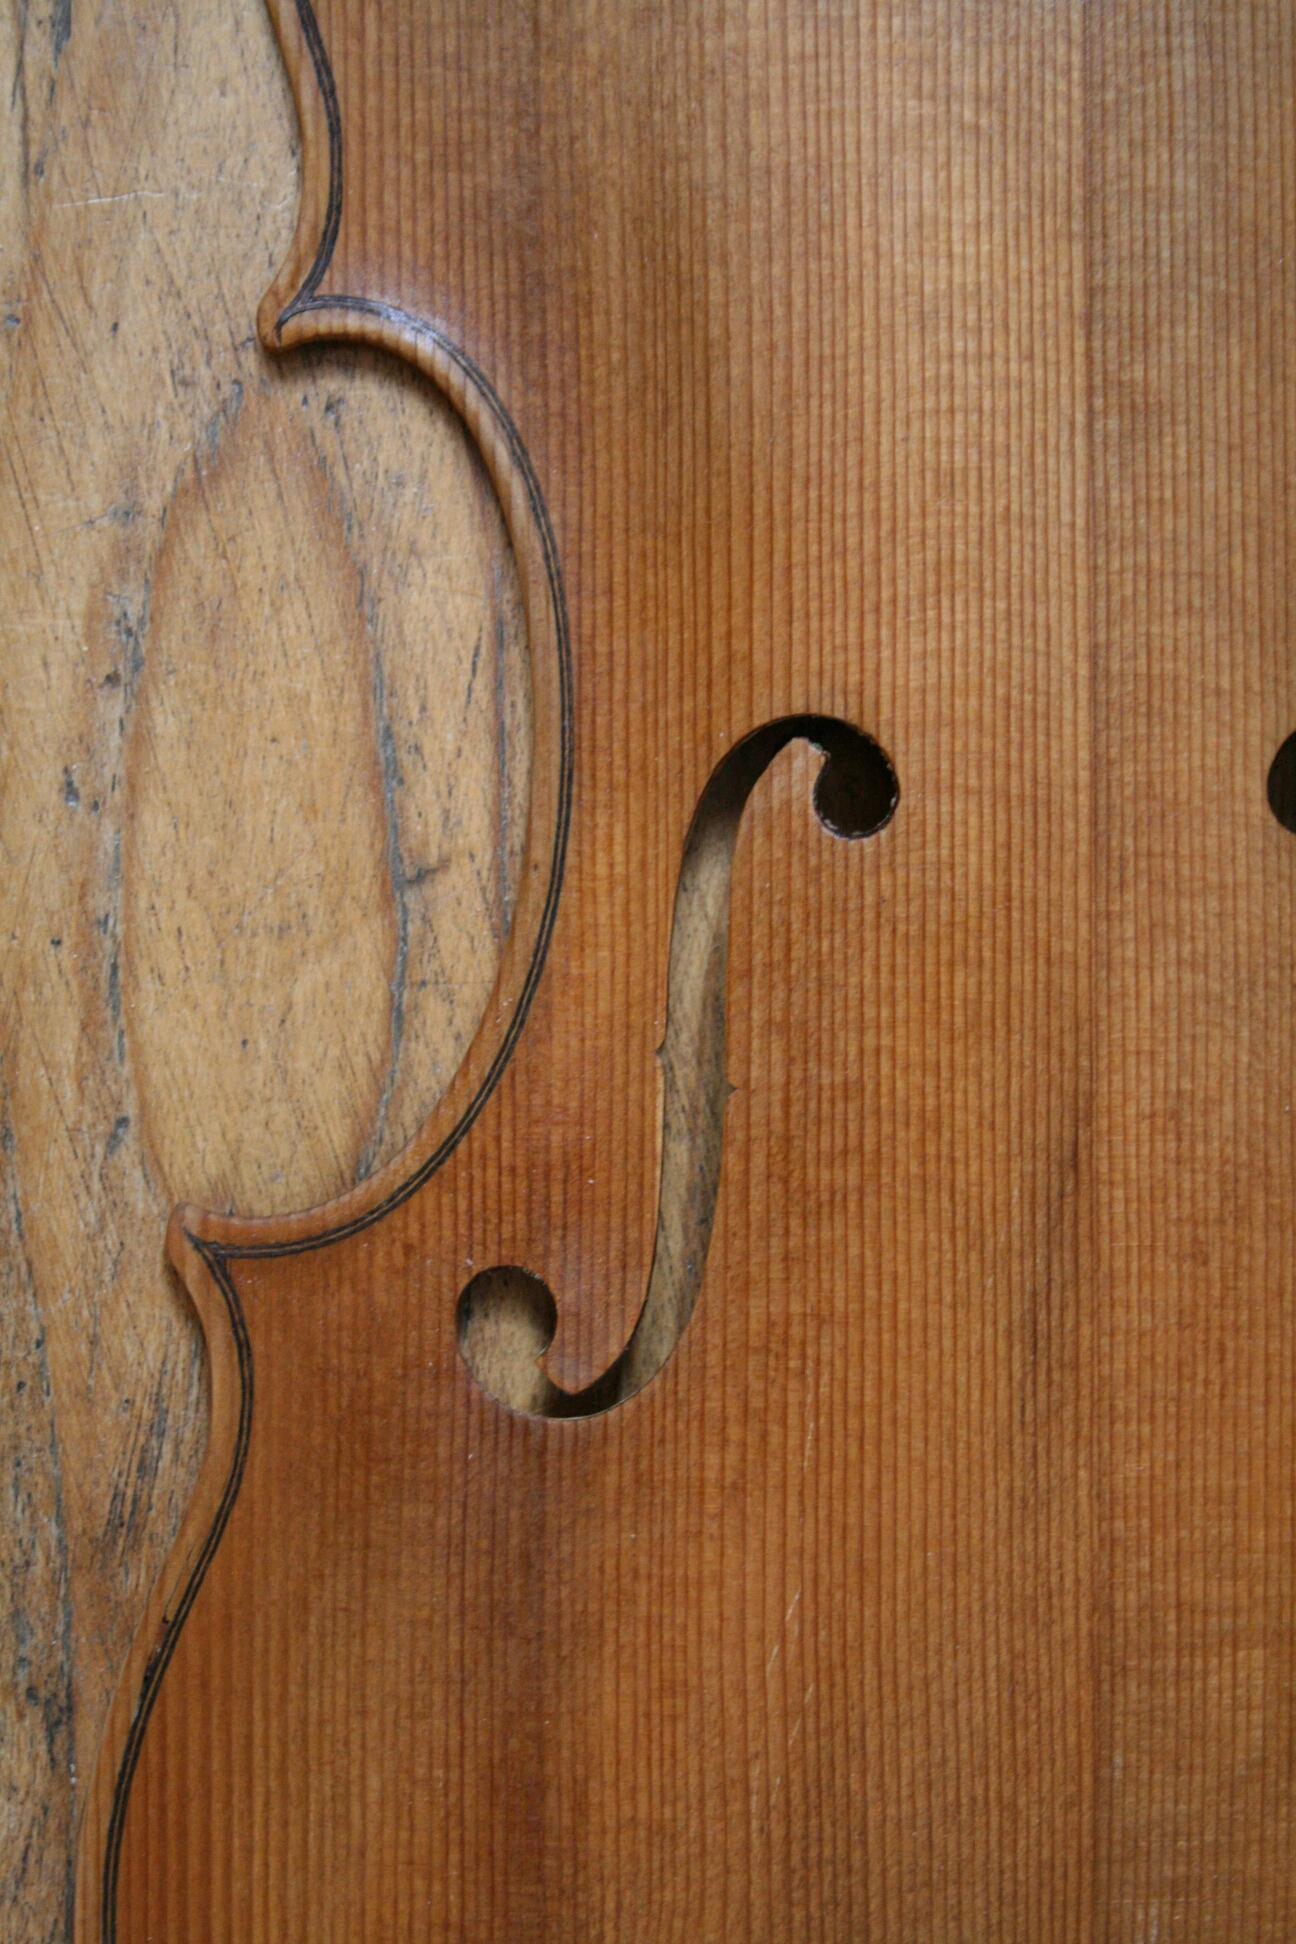 Teilergänzungen, in diesem Fall neue Decke auf alte Geige